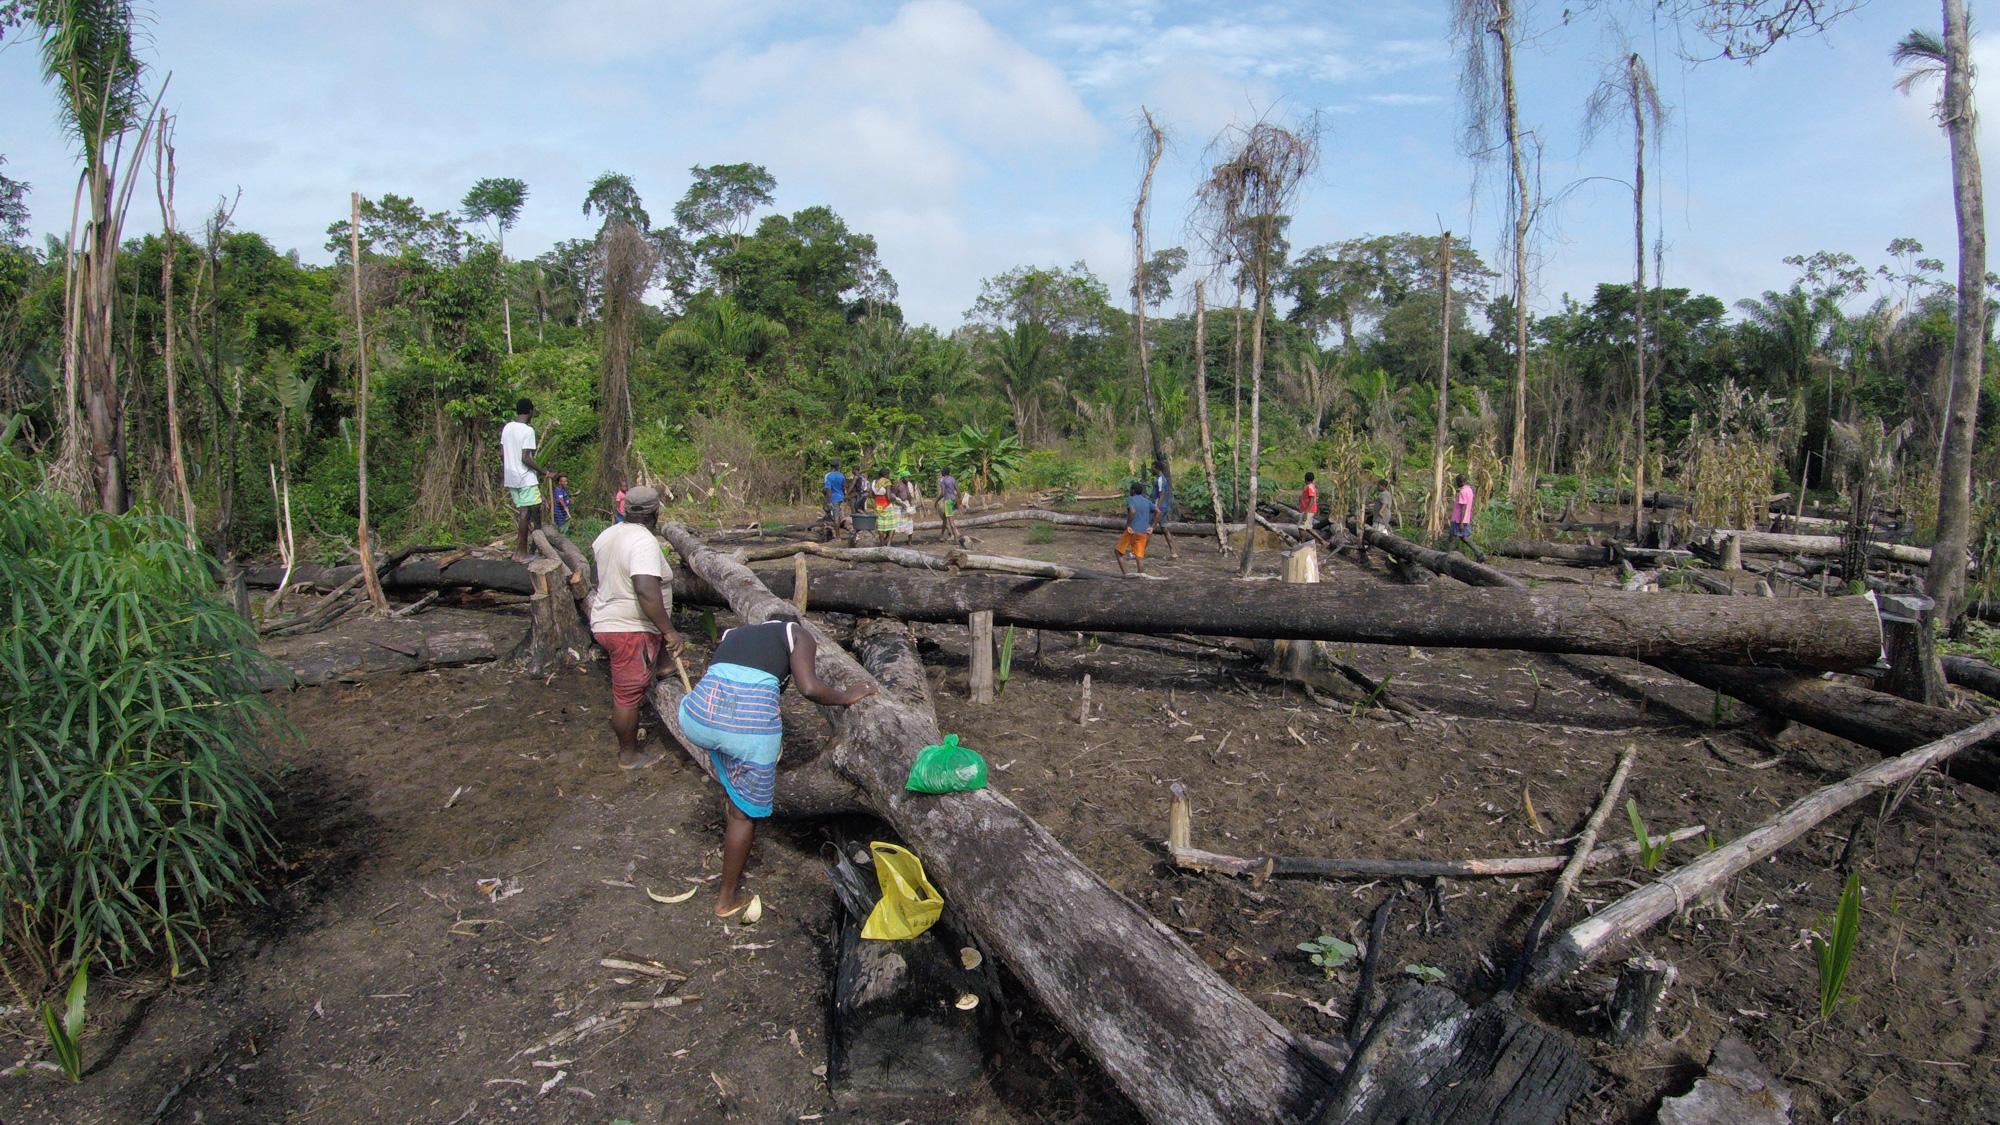 _village community rice planting_  film still.jpg